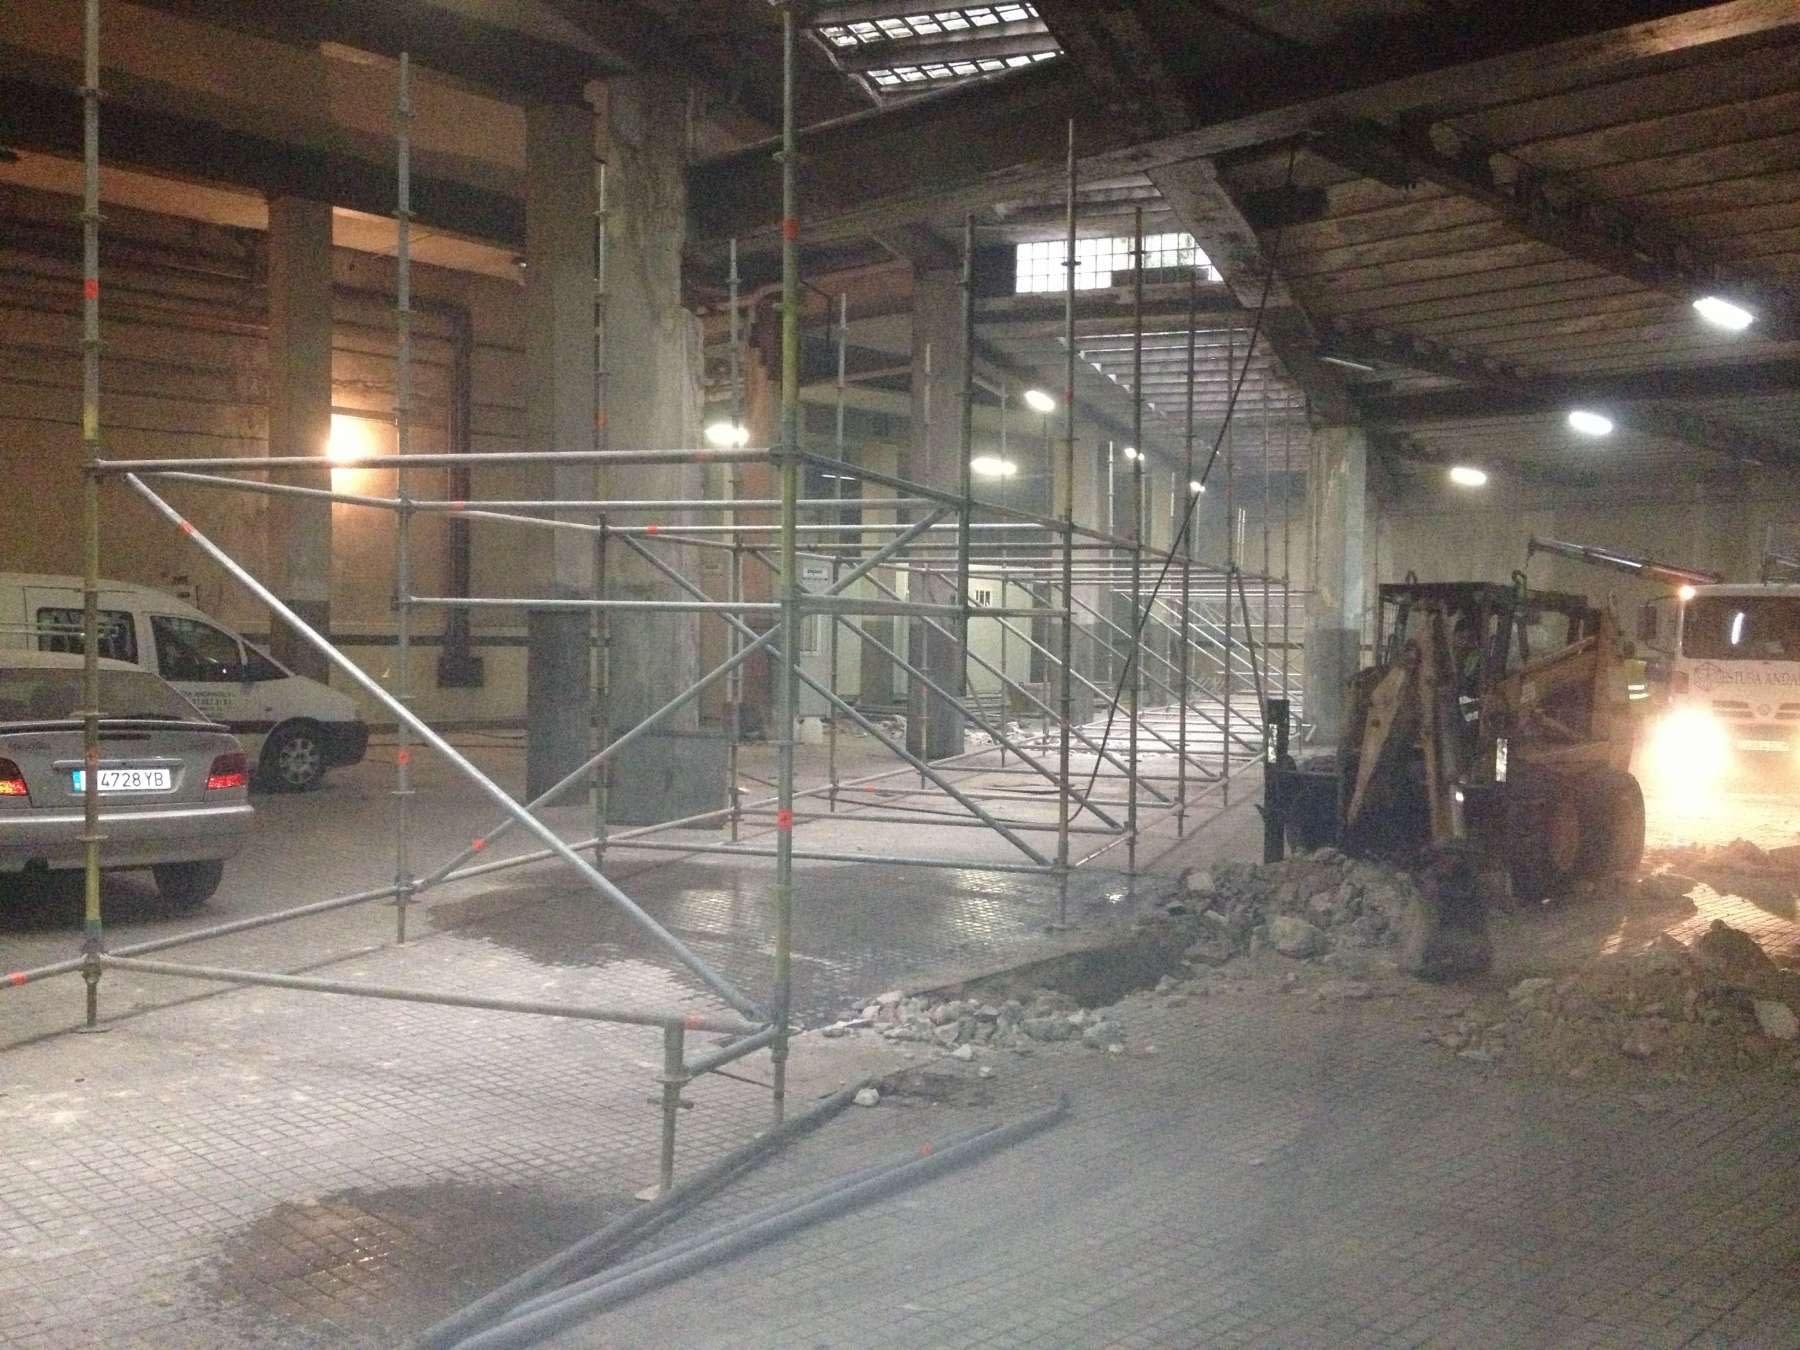 Saneamiento rehabilitación de edificio de uso mixto en Arganzuela, Madrid